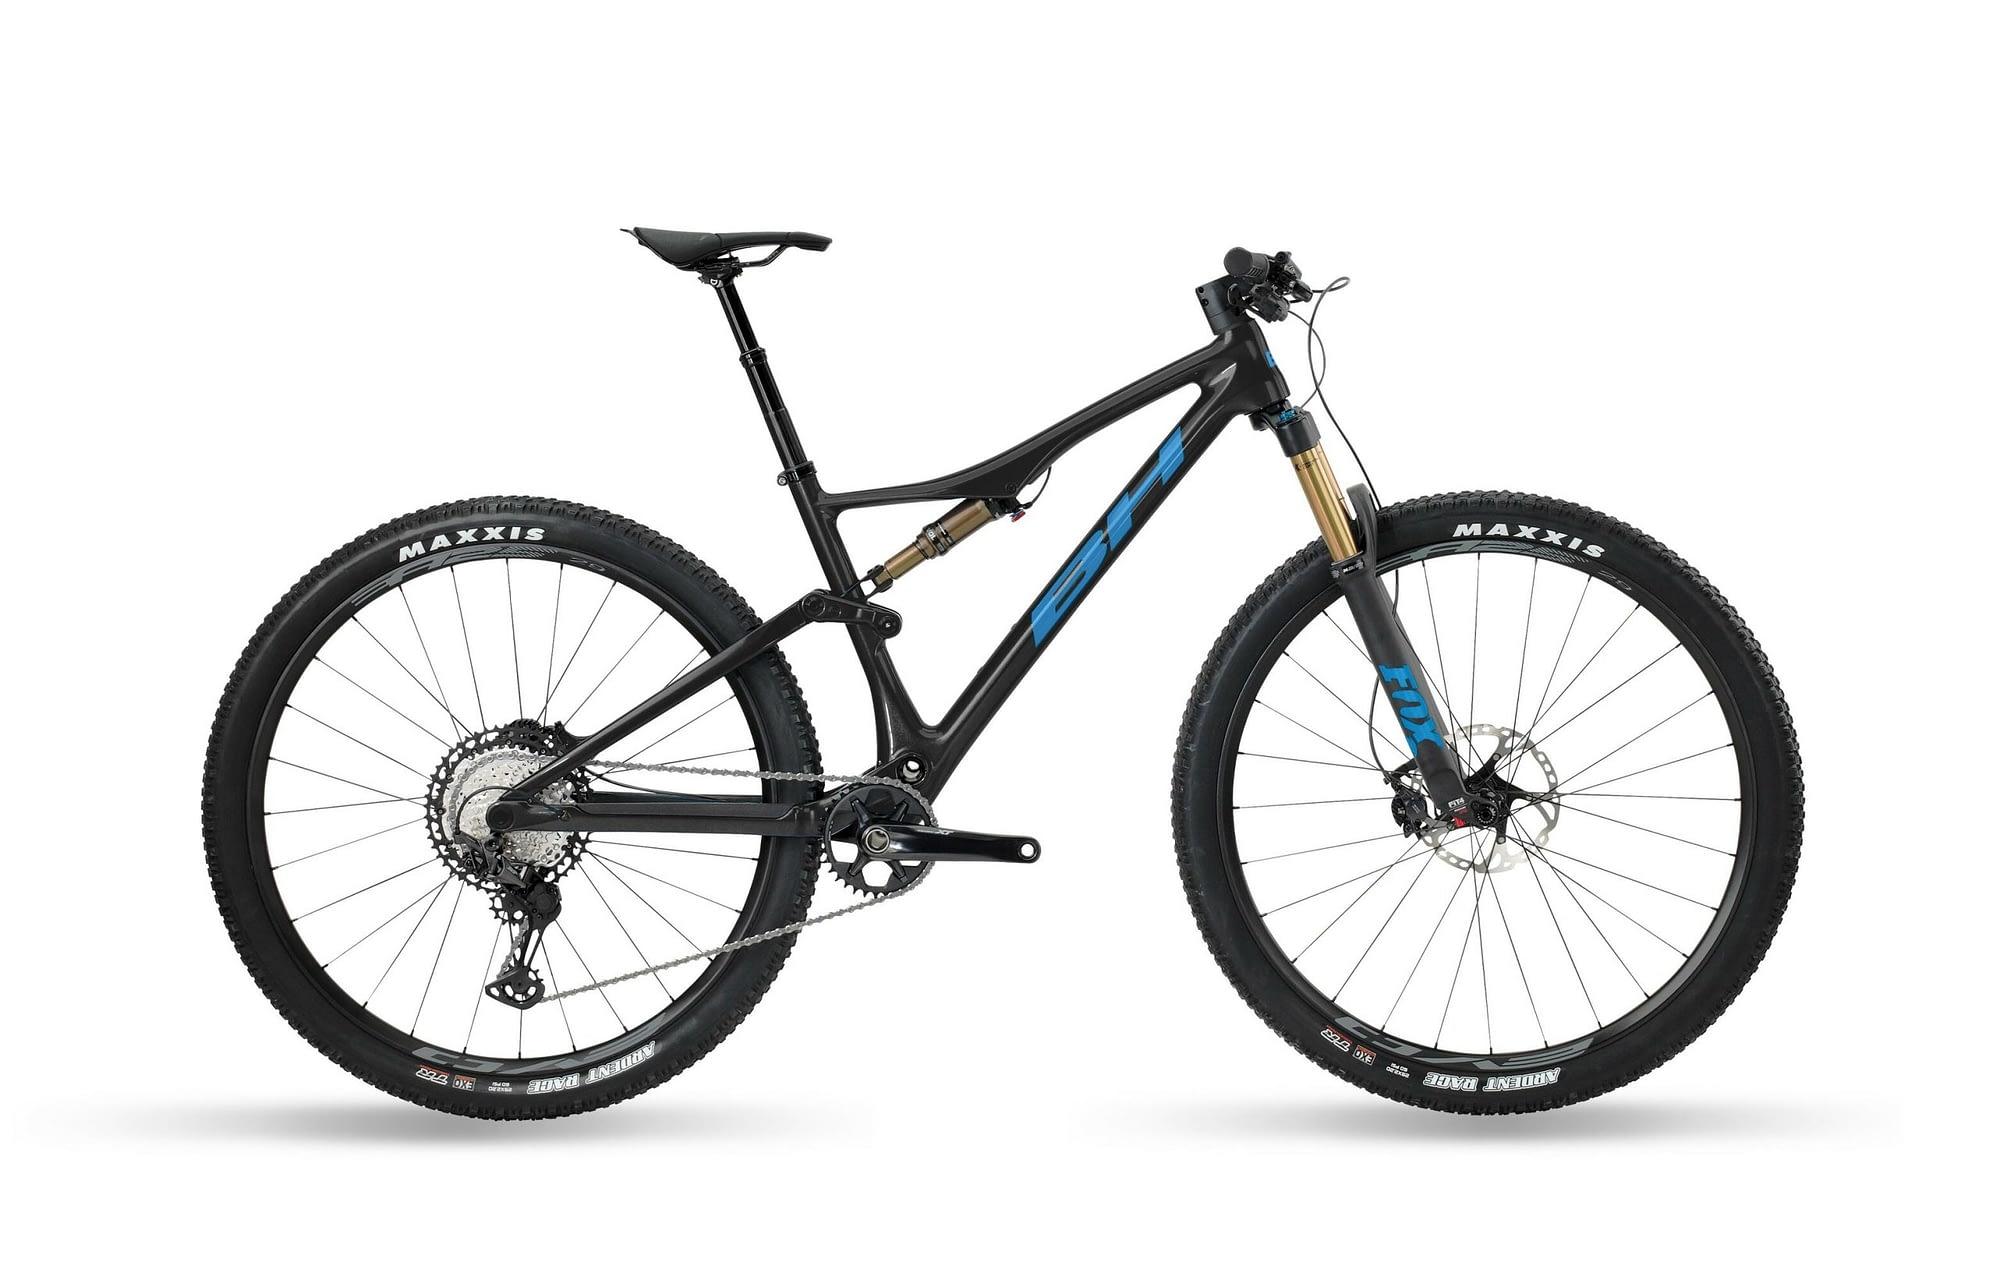 BH LYNX RACE EVO CARBON 9.0 LT - Noir / Bleu, XL